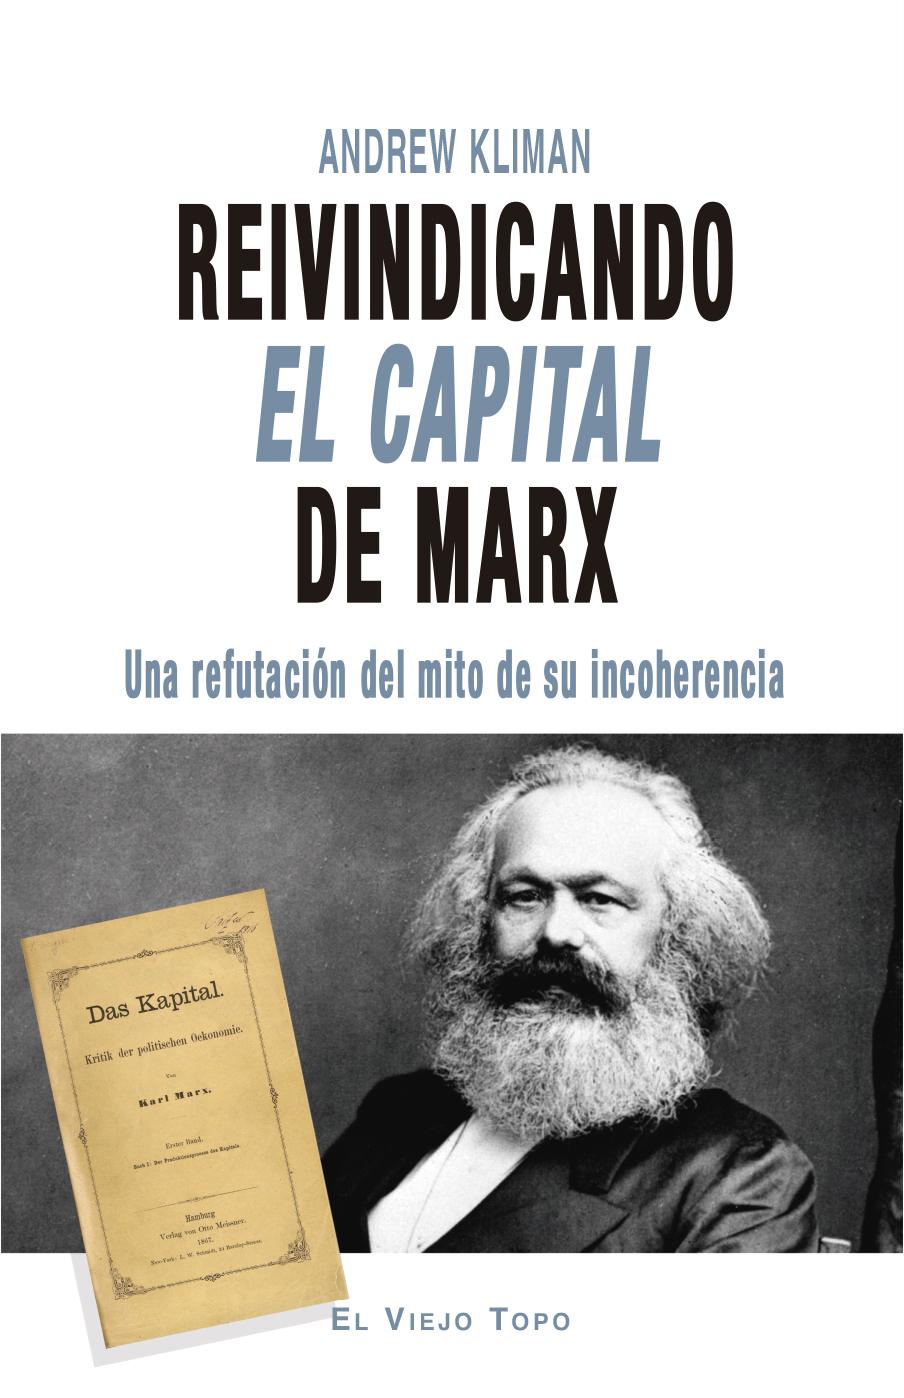 Reivindicando El Capital de Marx   «Una refutación del mito de su incoherencia»